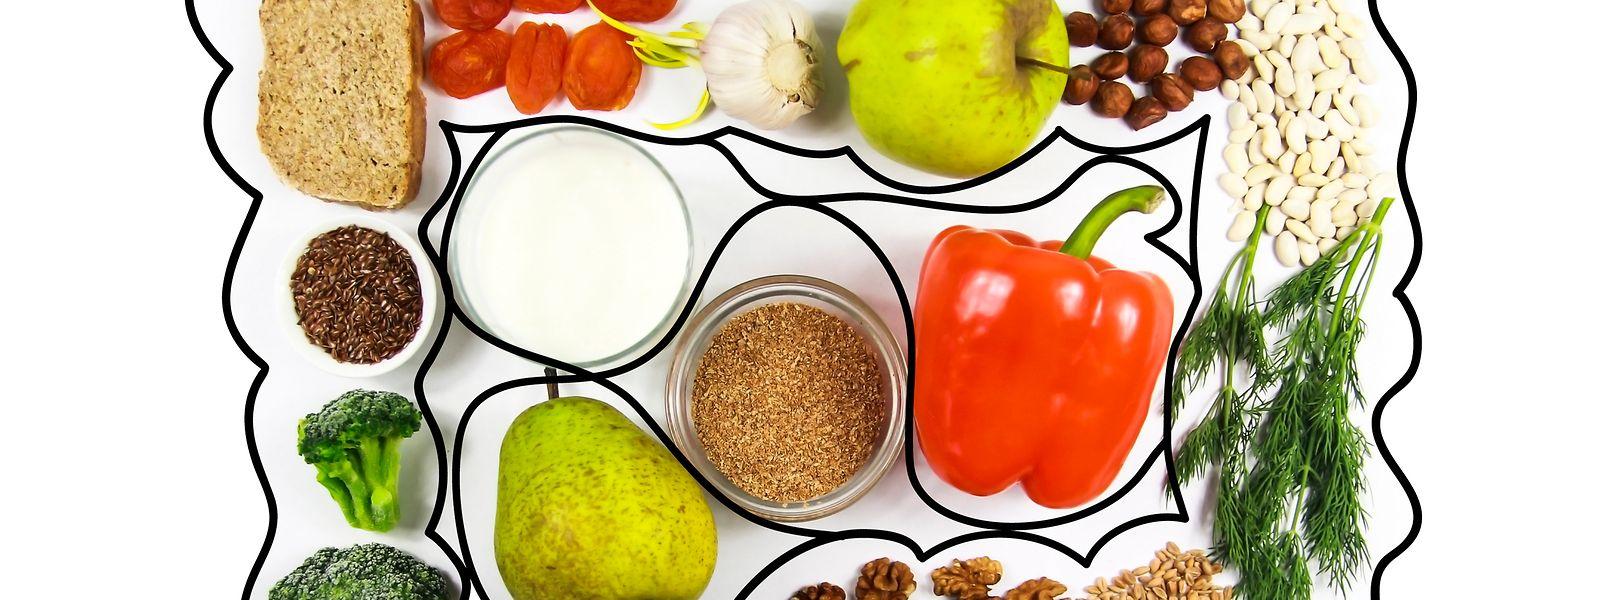 Das Mikrobiom im menschlichen Darm hat auch Einfluss auf andere Bereiche des Körpers. Eine gesunde und ballaststoffreiche Ernährung sorgt für eine gesündere Darmflora.